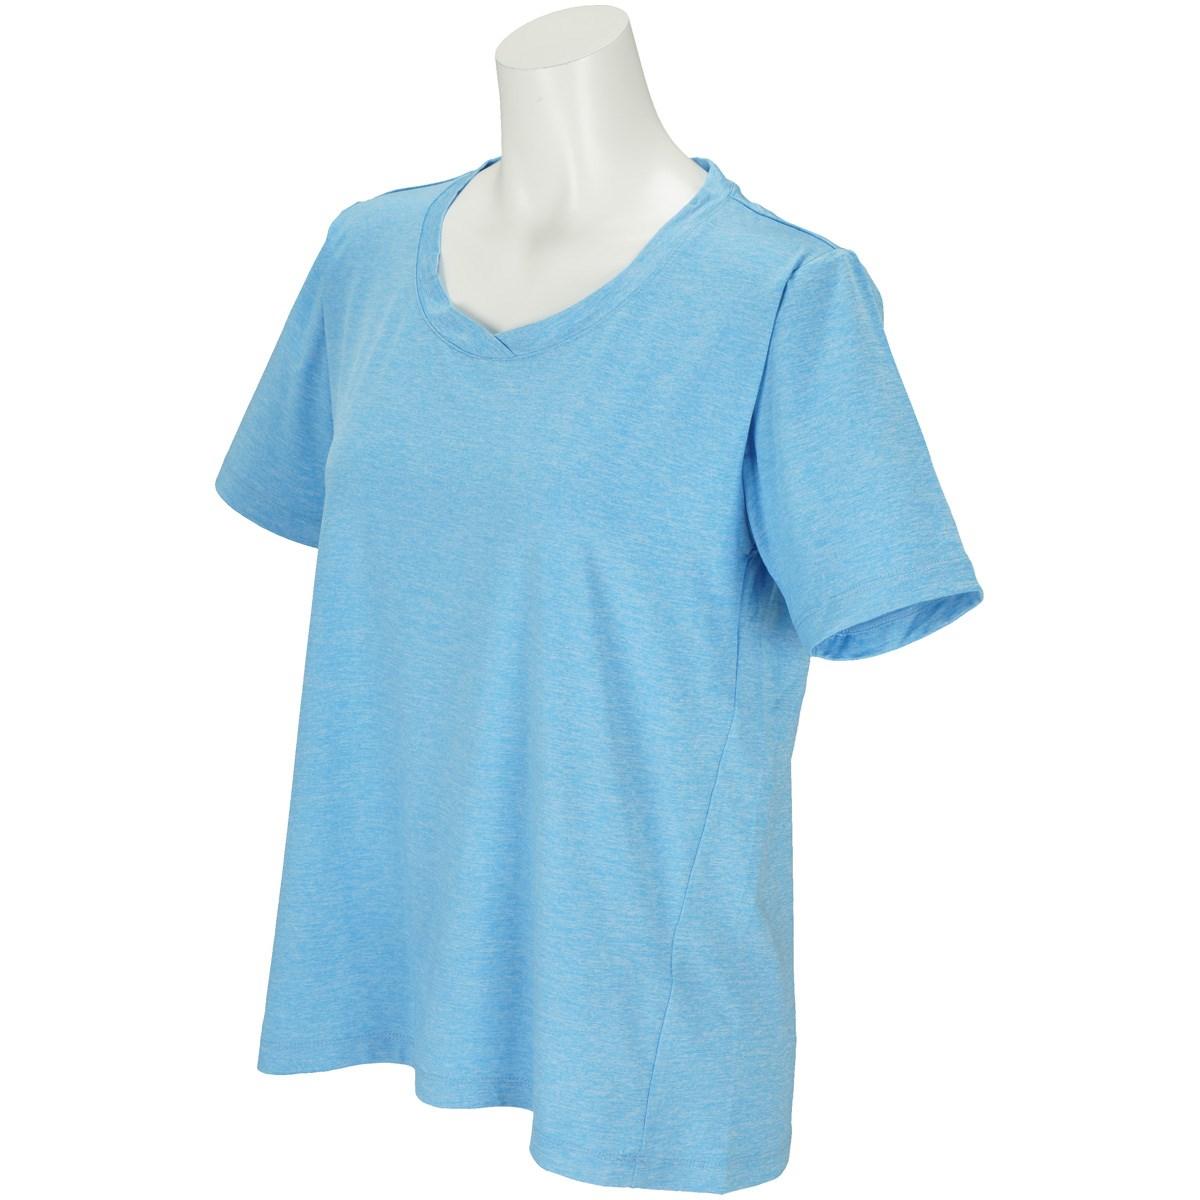 ボディグローブ BODY GLOBE ストレッチ デザイン半袖Tシャツ M ブルー レディス